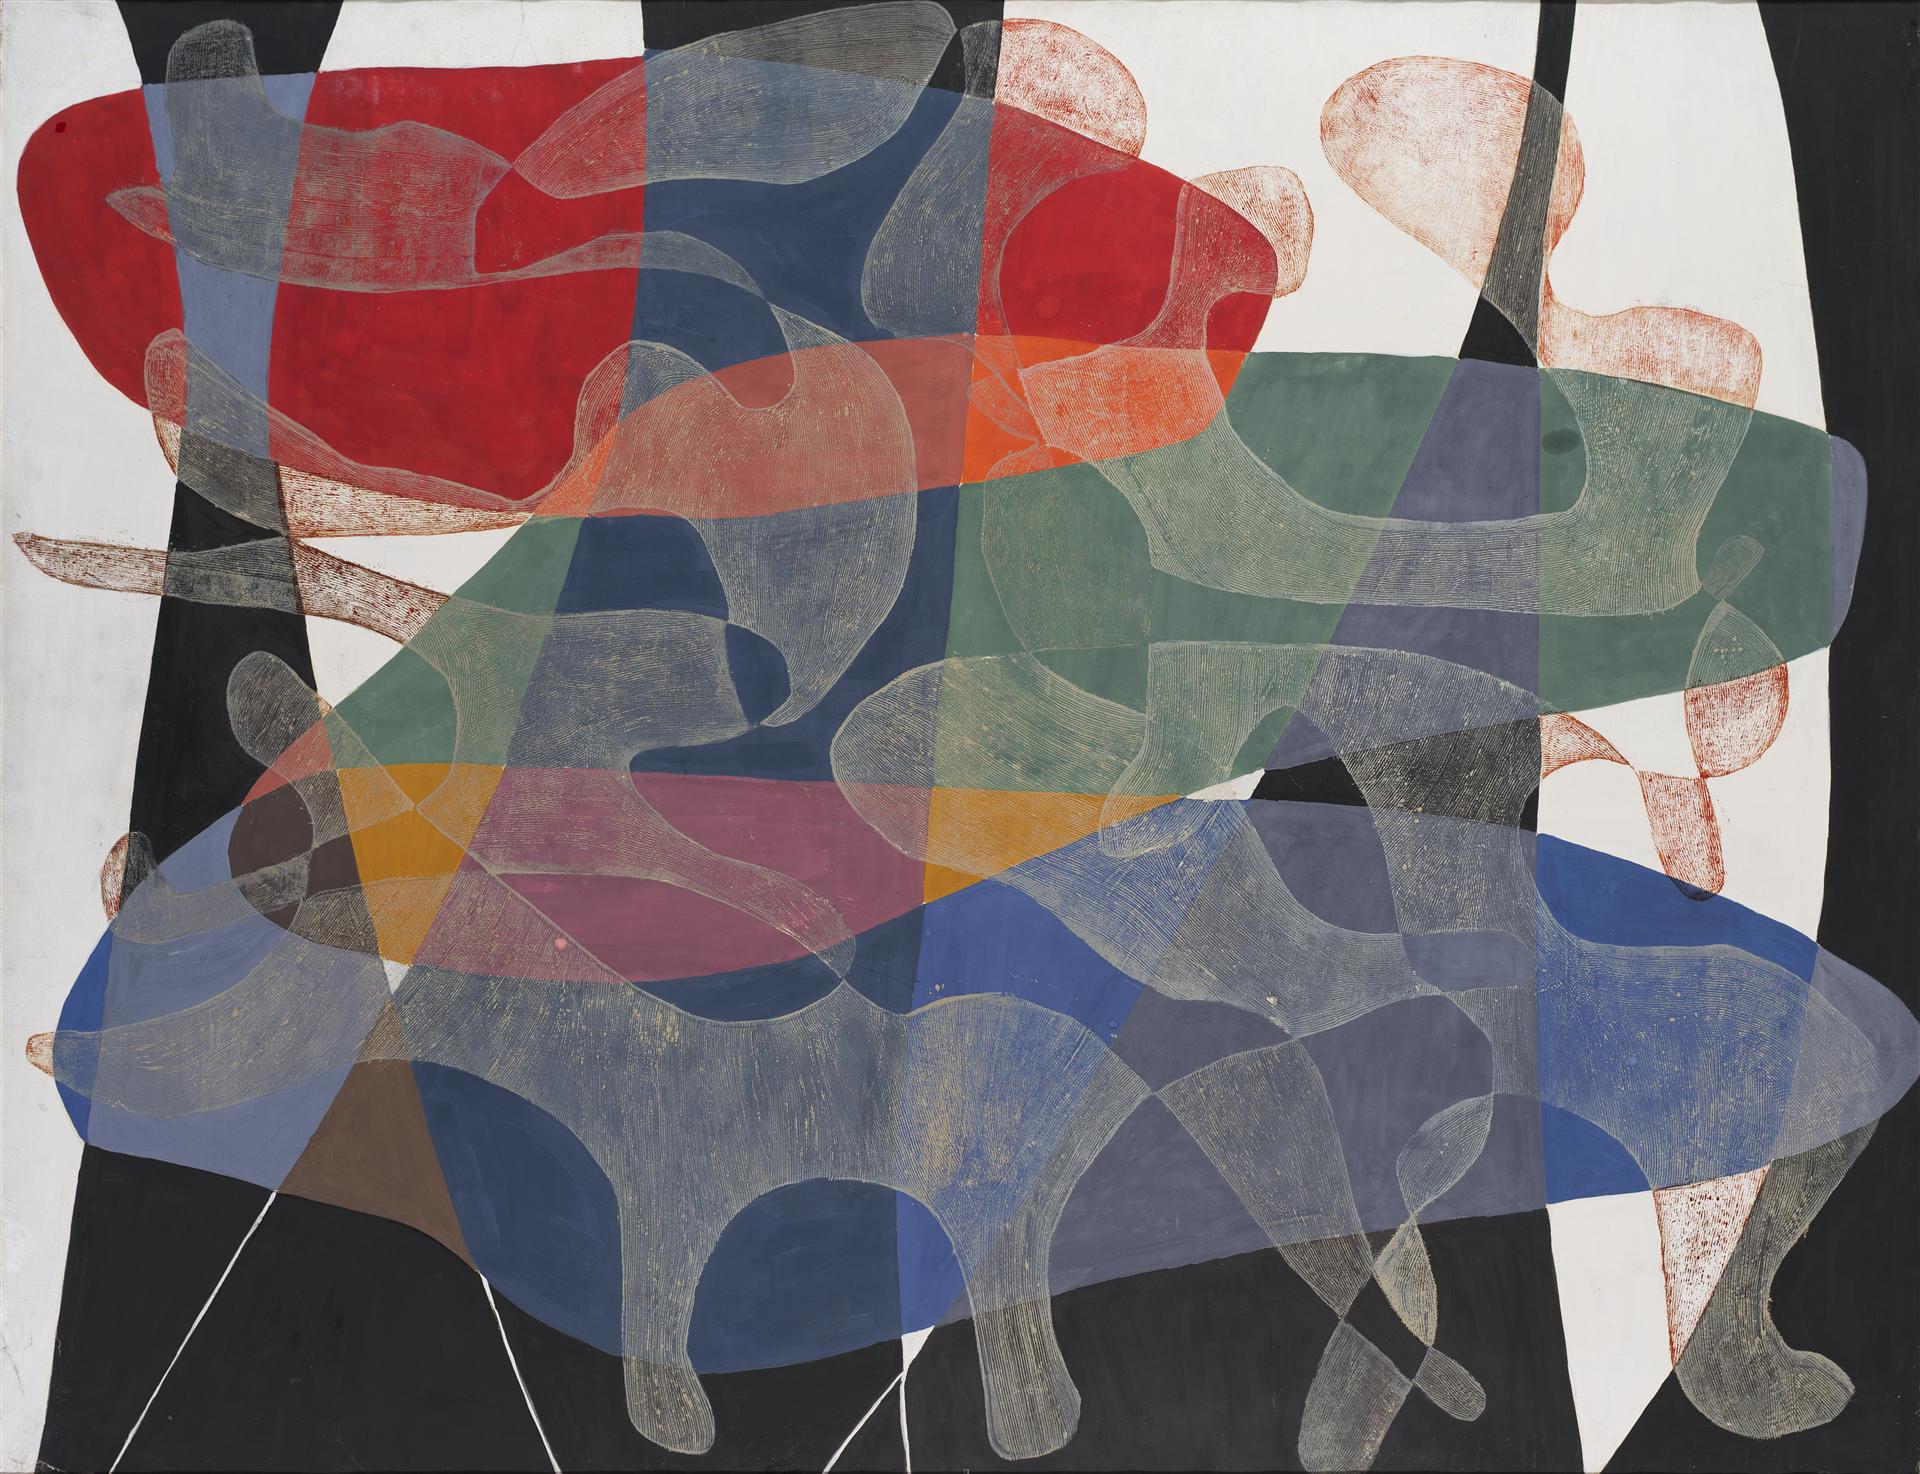 """Maria Jarema, """"Penetracje I"""", 1957, Muzeum Sztuki w Łodzi, źródło: https://zasoby.msl.org.pl/arts/view/493"""